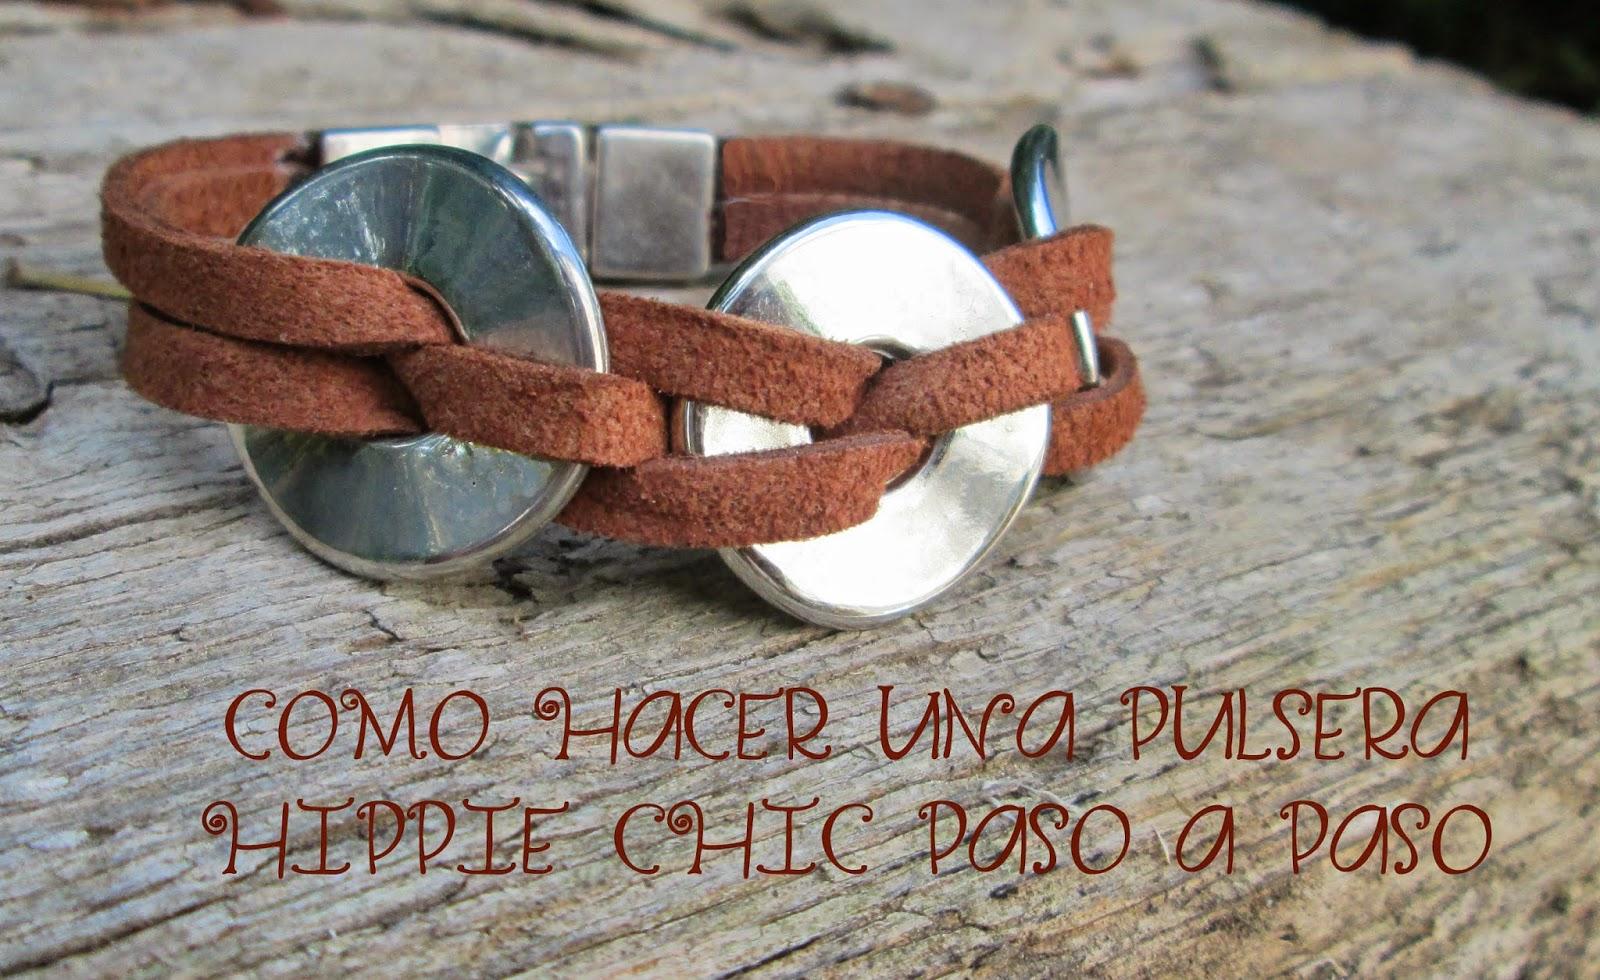 Comprar fotos pulseras bisuteria Catálogo de fotos